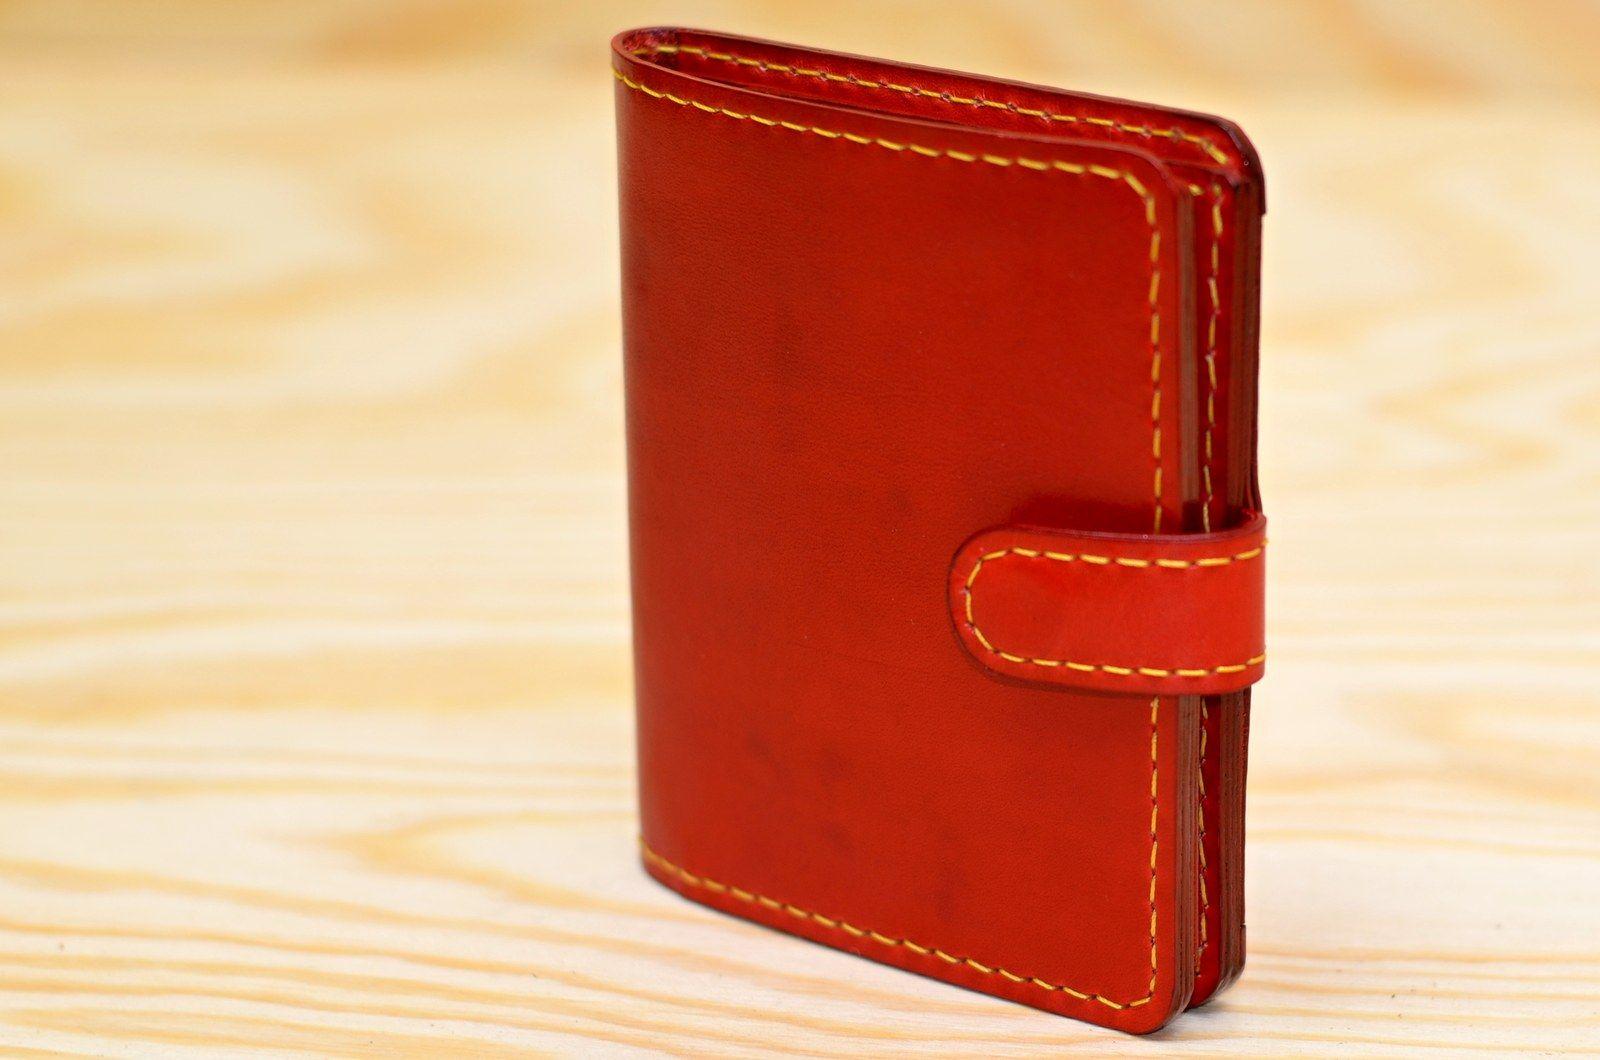 Kožená peněženka dámská - červená Peněženka na přání zákazníka. Ručně šitá dámská  peněženka a32bea2df8